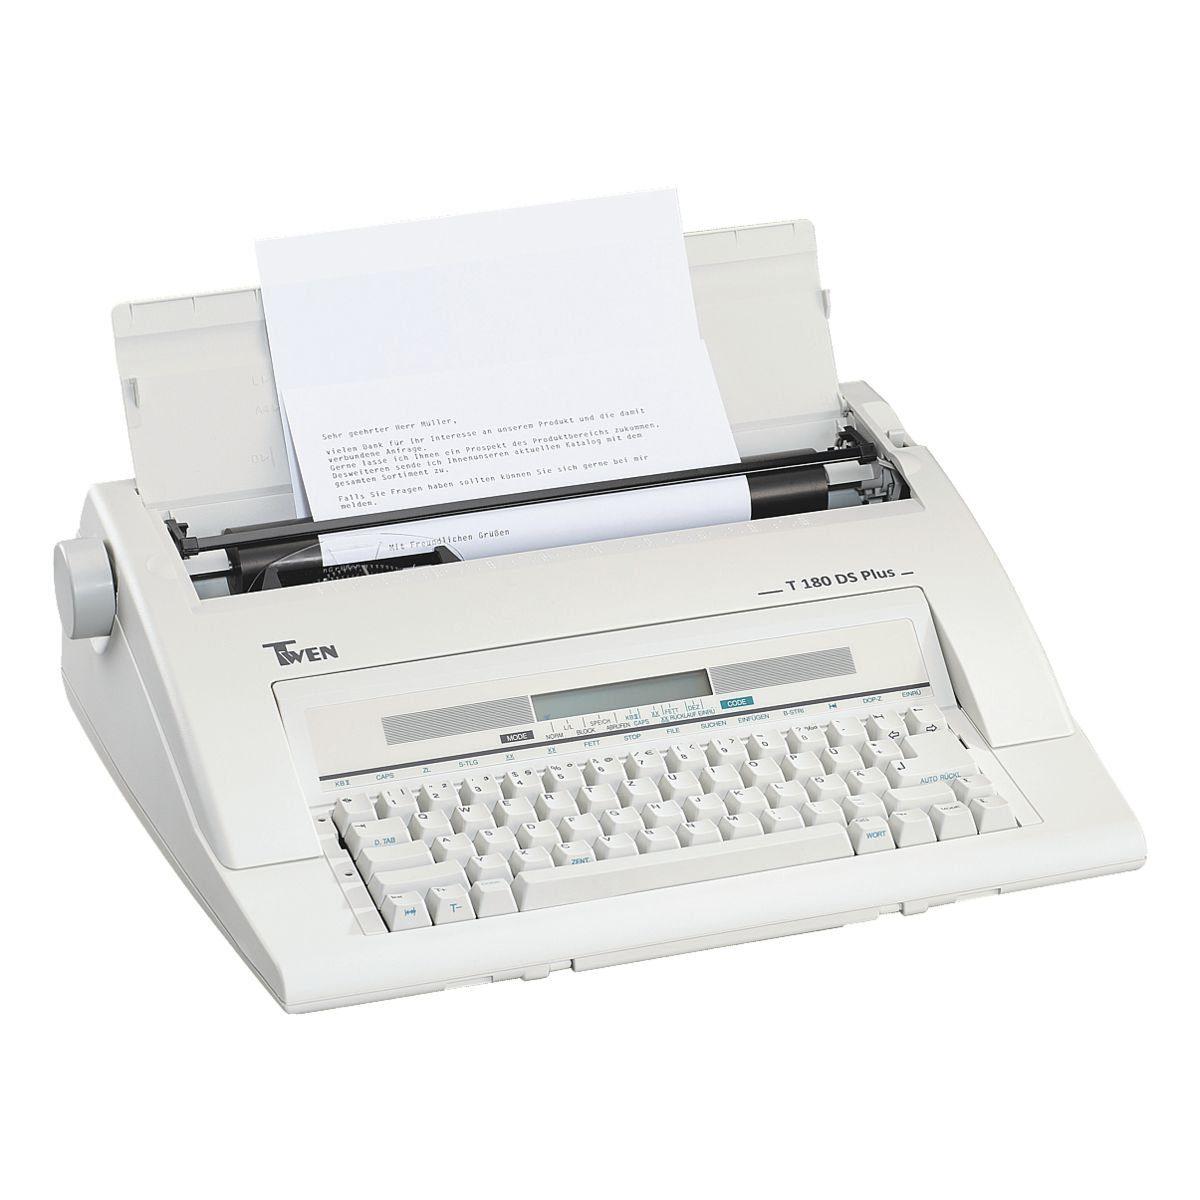 Triumph Adler Twen Elektronische Schreibmaschine »Twen 180 DS plus«